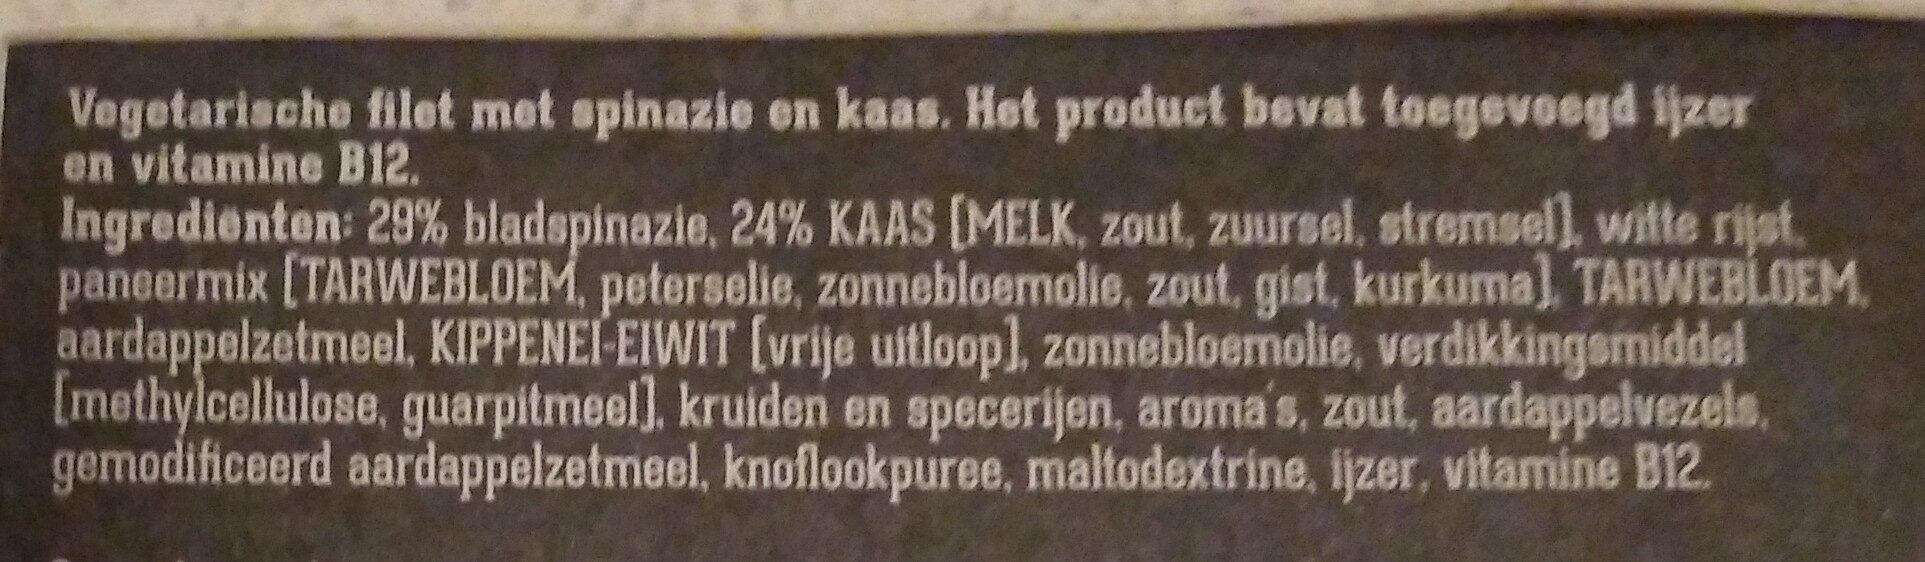 Spinazie Kaas Filet - Ingredients